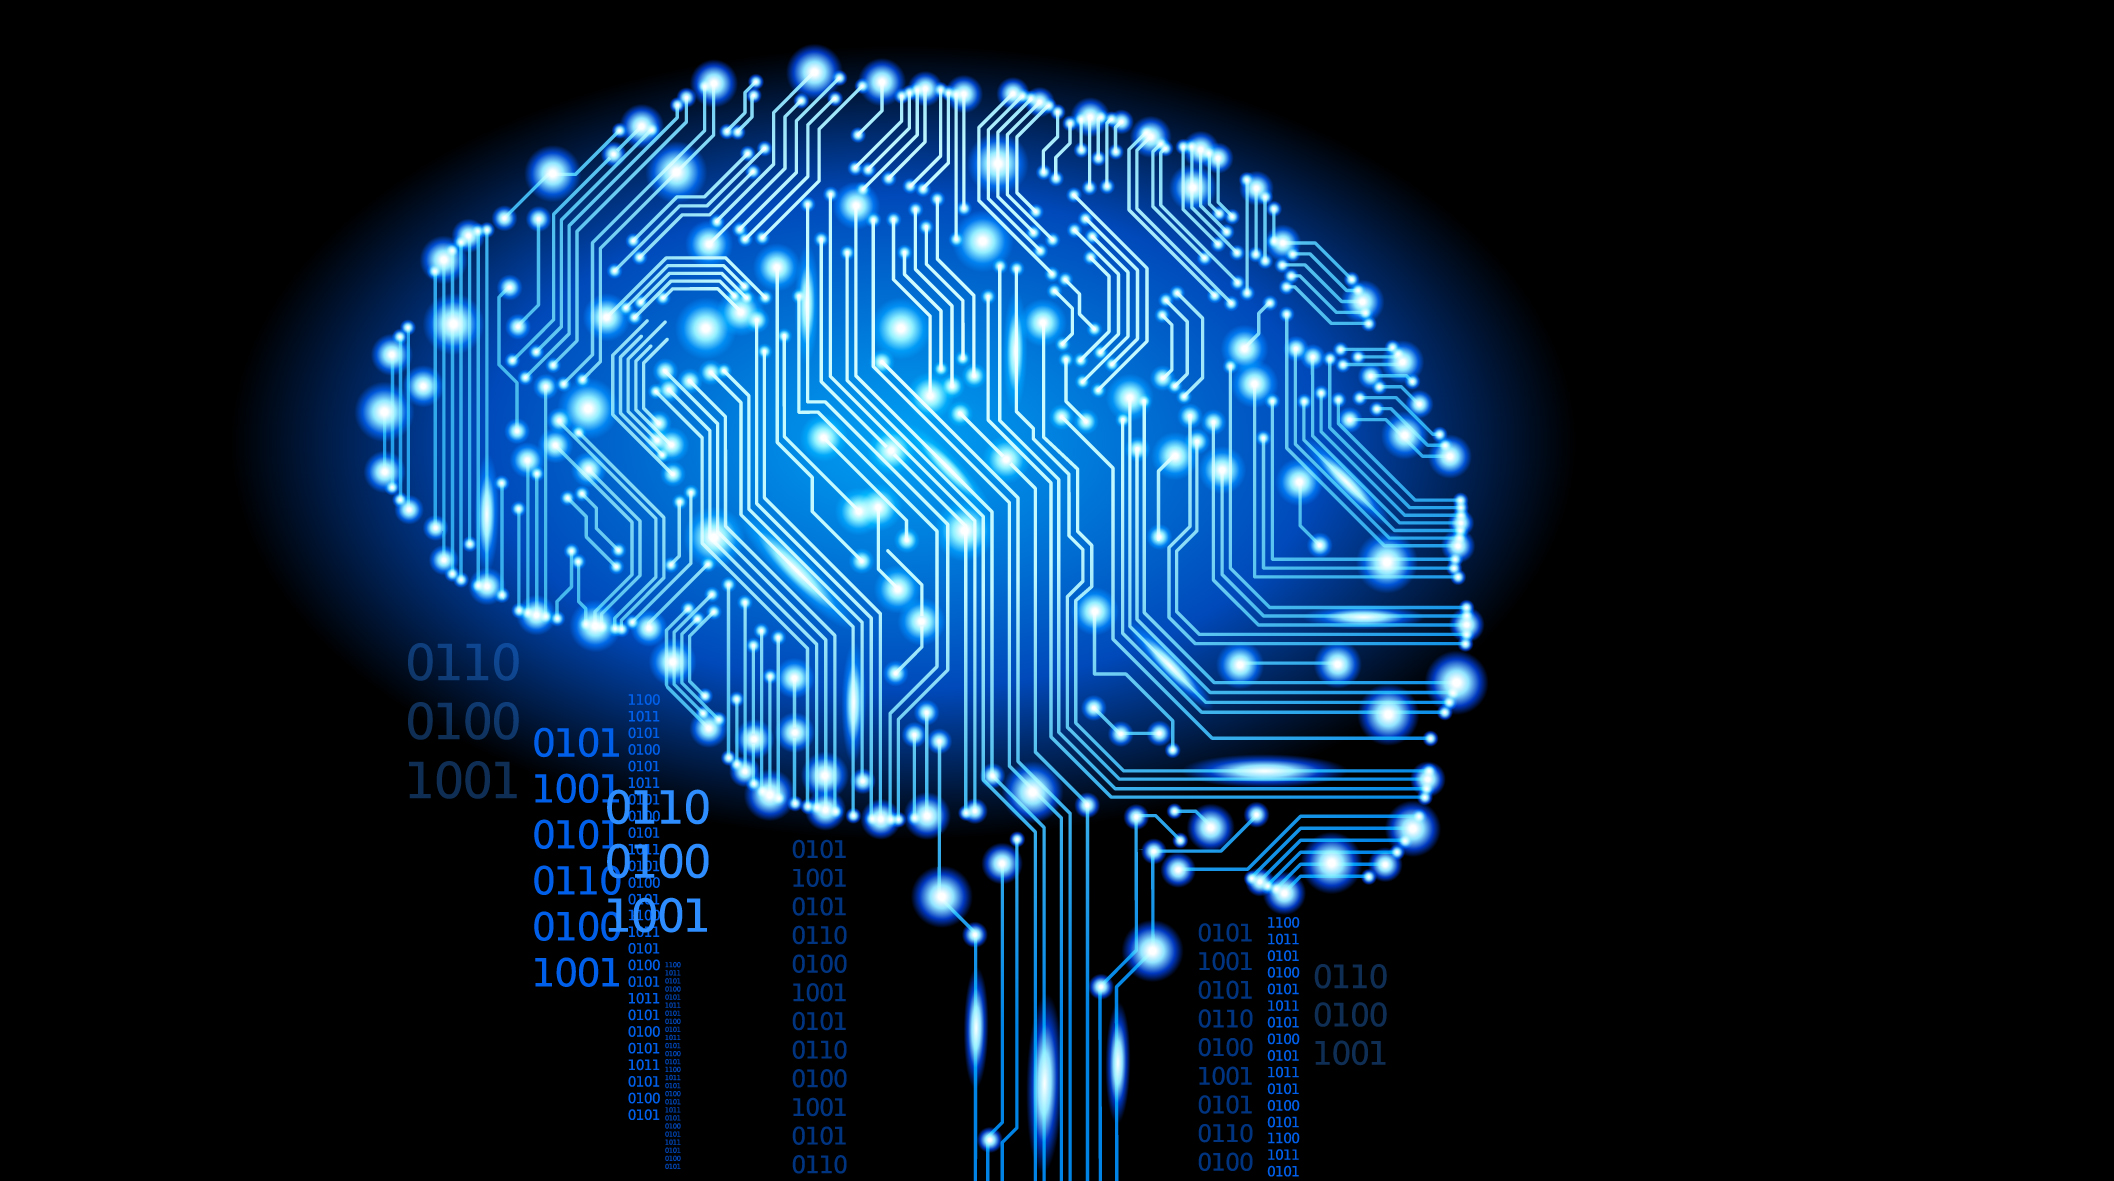 Reti neurali. Valutare l'età partendo da una radiografia